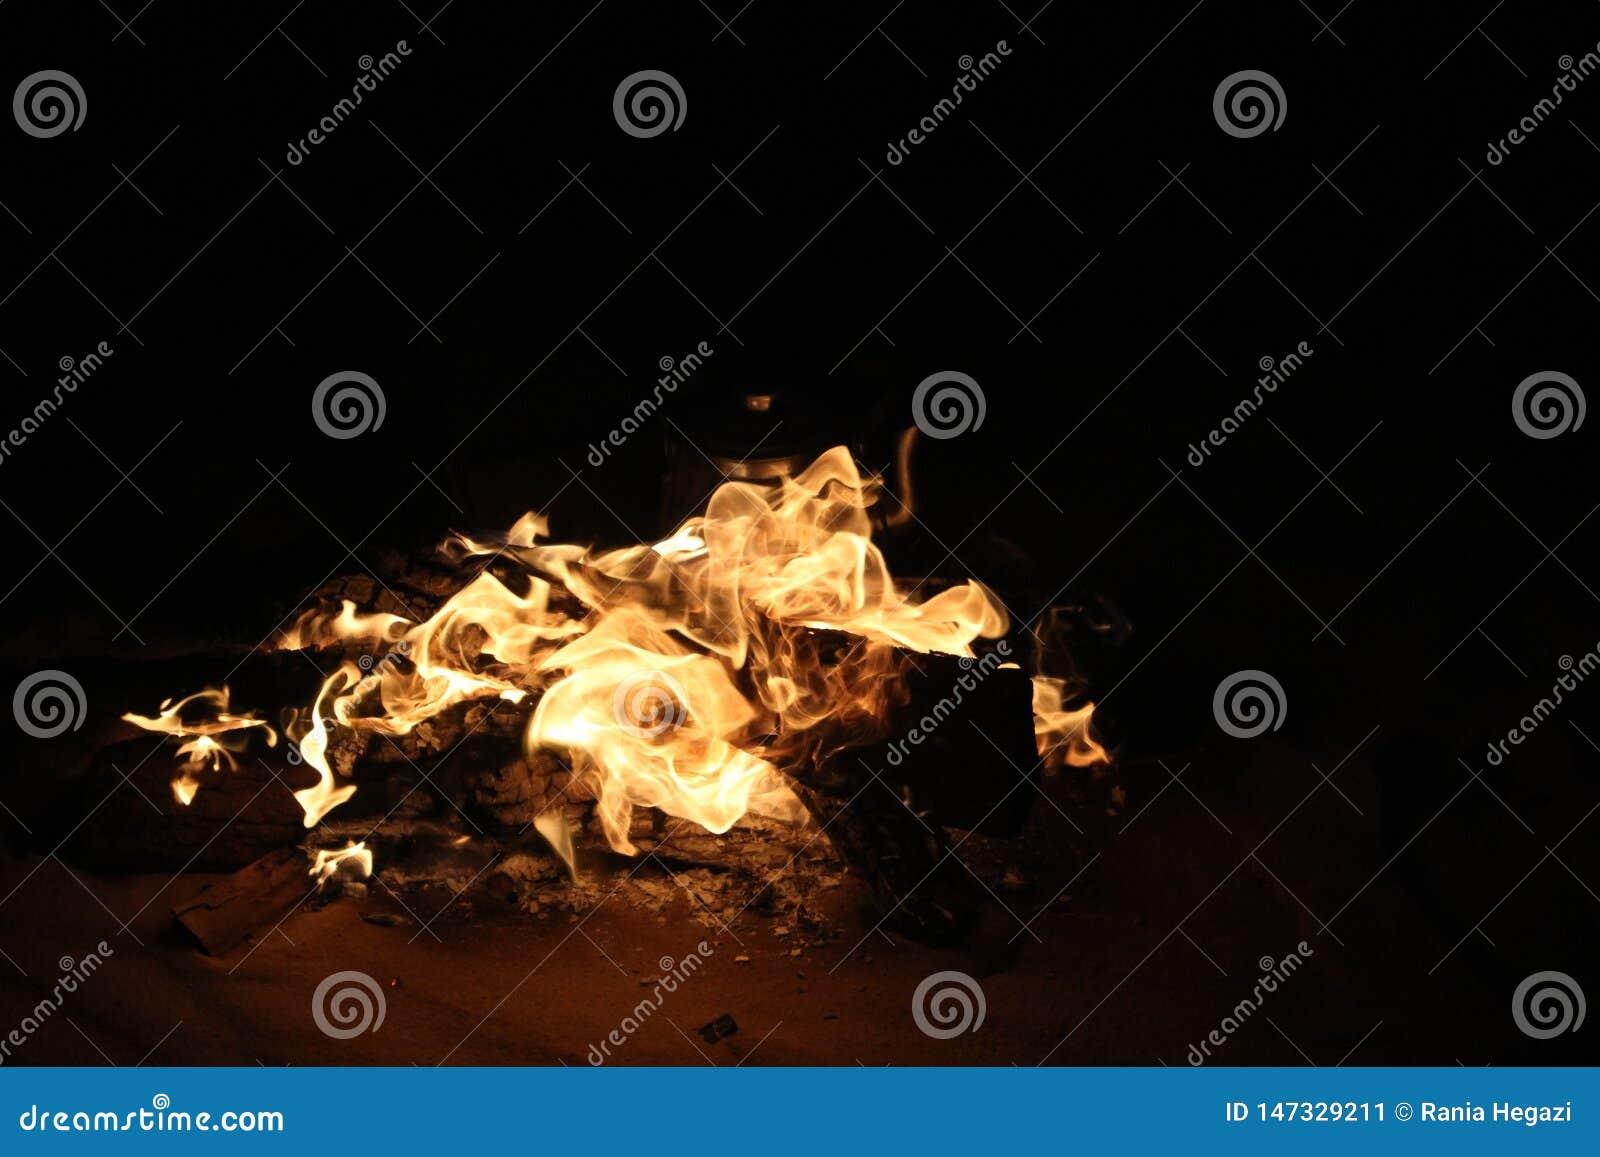 Fuego ardiendo en viaje del safari